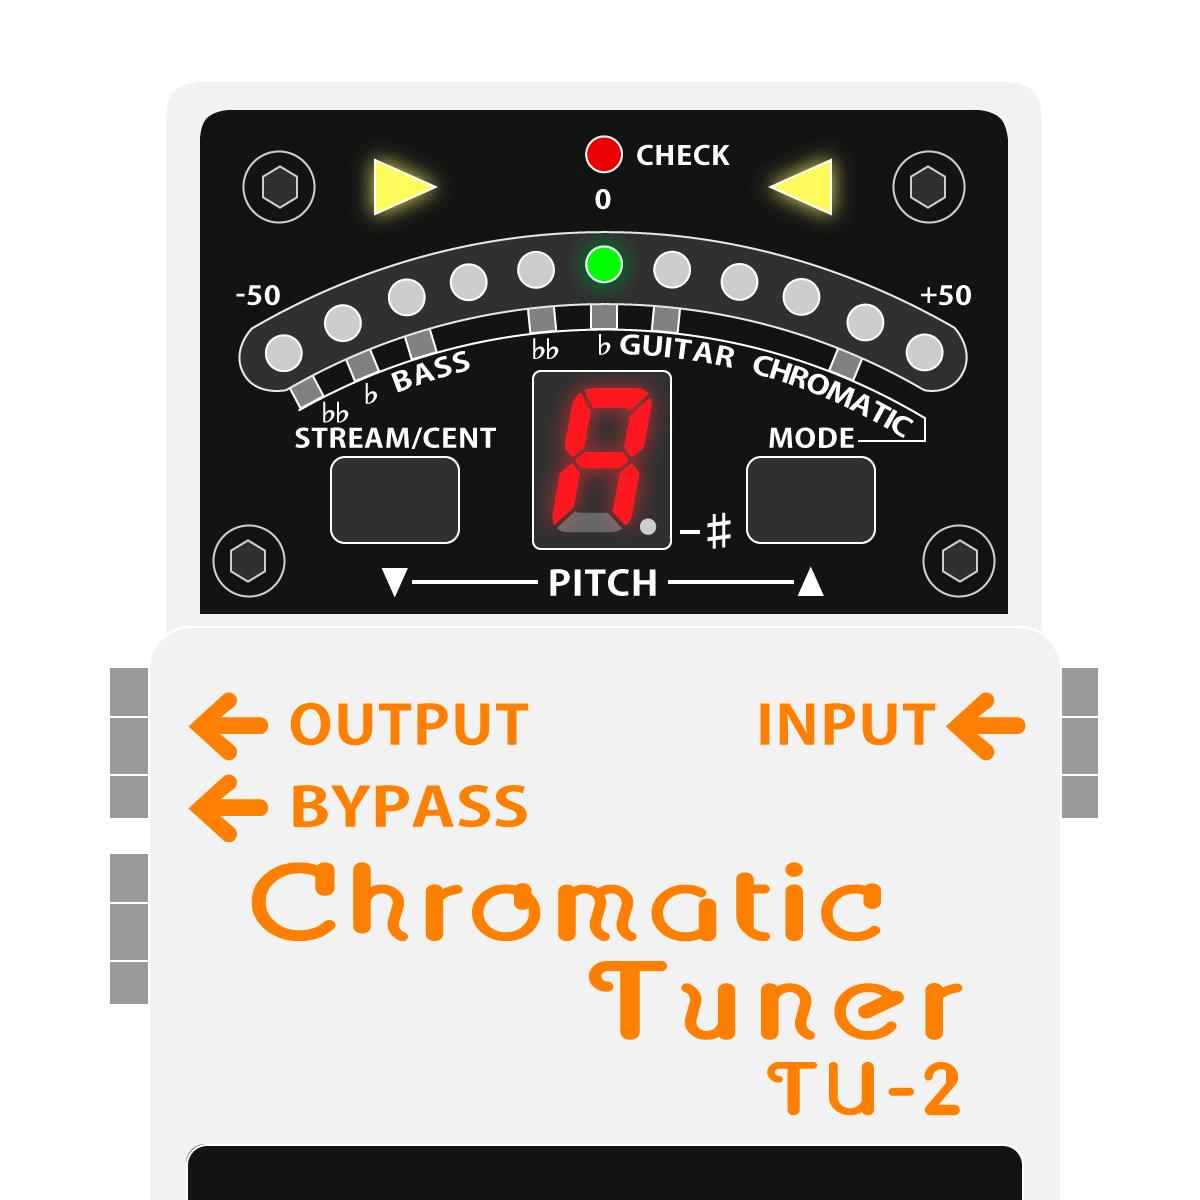 TU-2 Chromatic Tuner(ペダルチューナー)